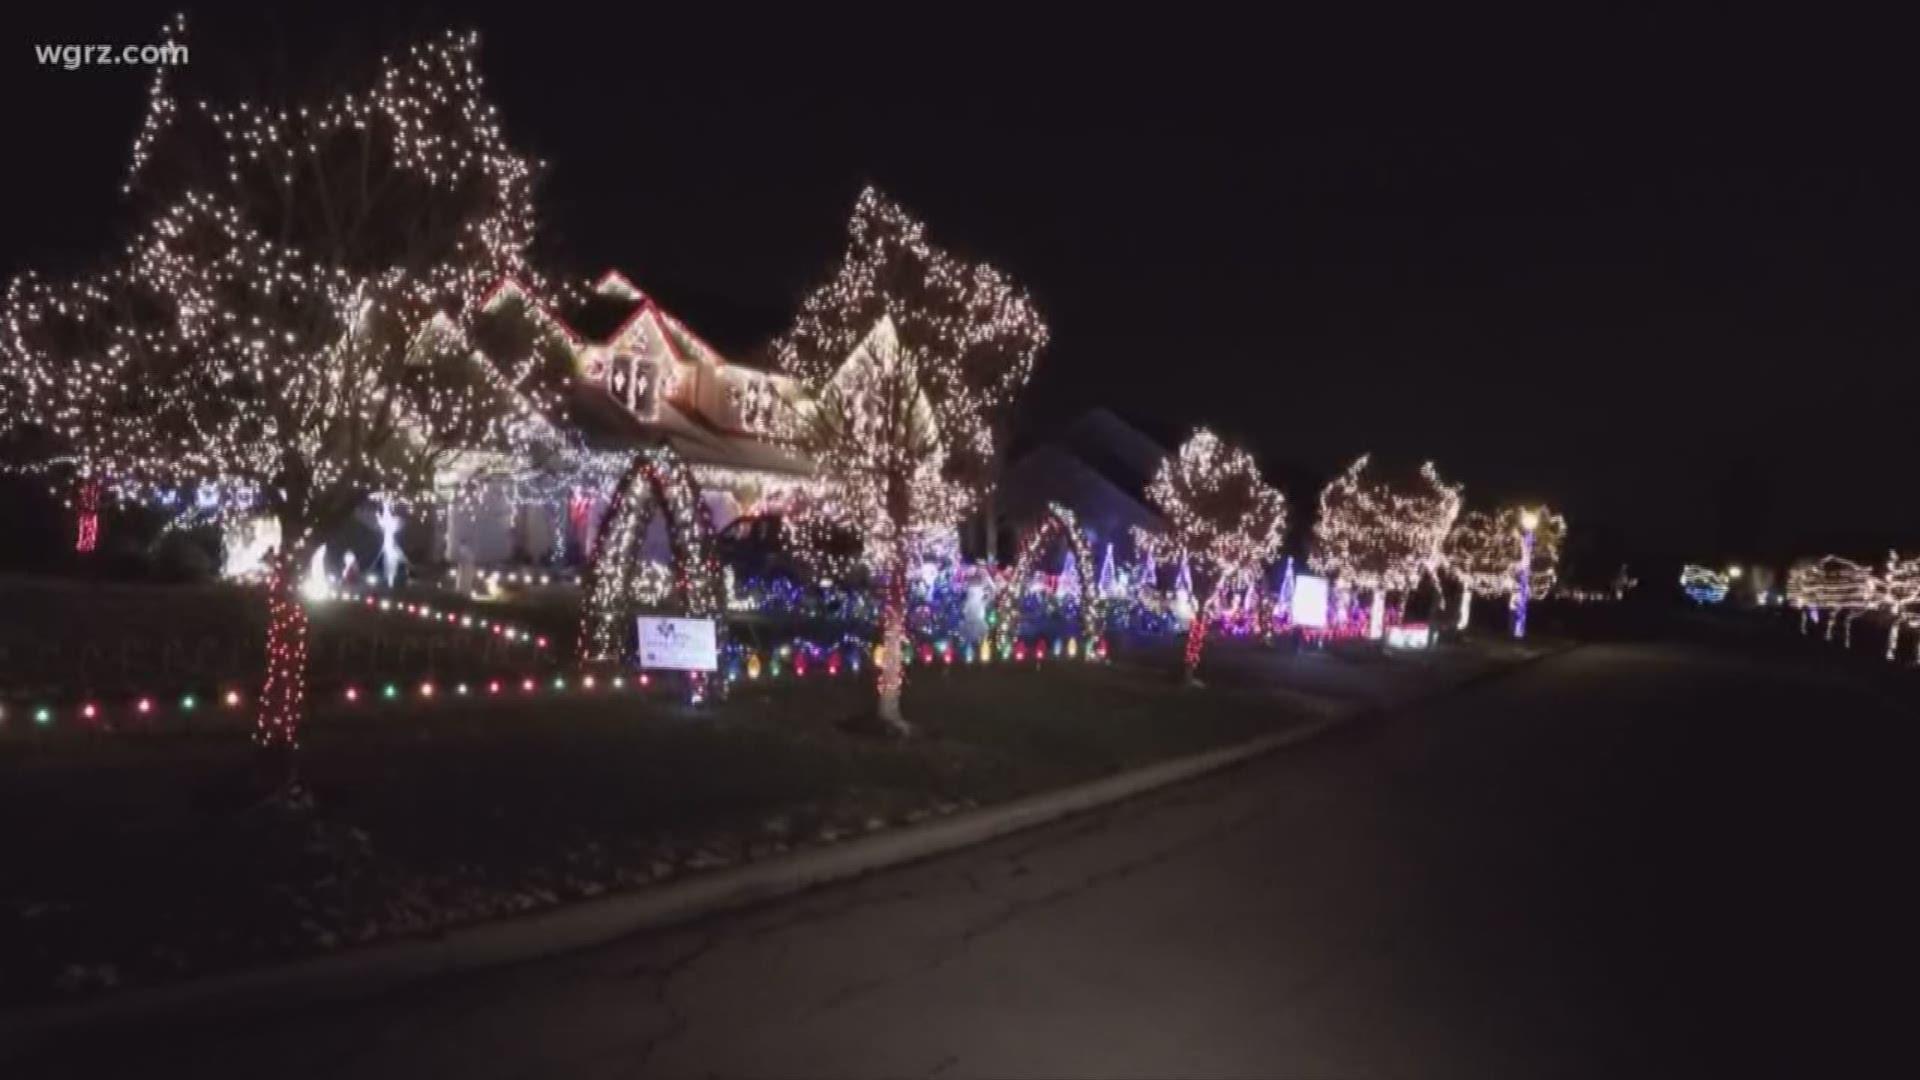 Lancaster Ny Christmas Lights 2020 Neighborhood gives back through magical light display | wgrz.com